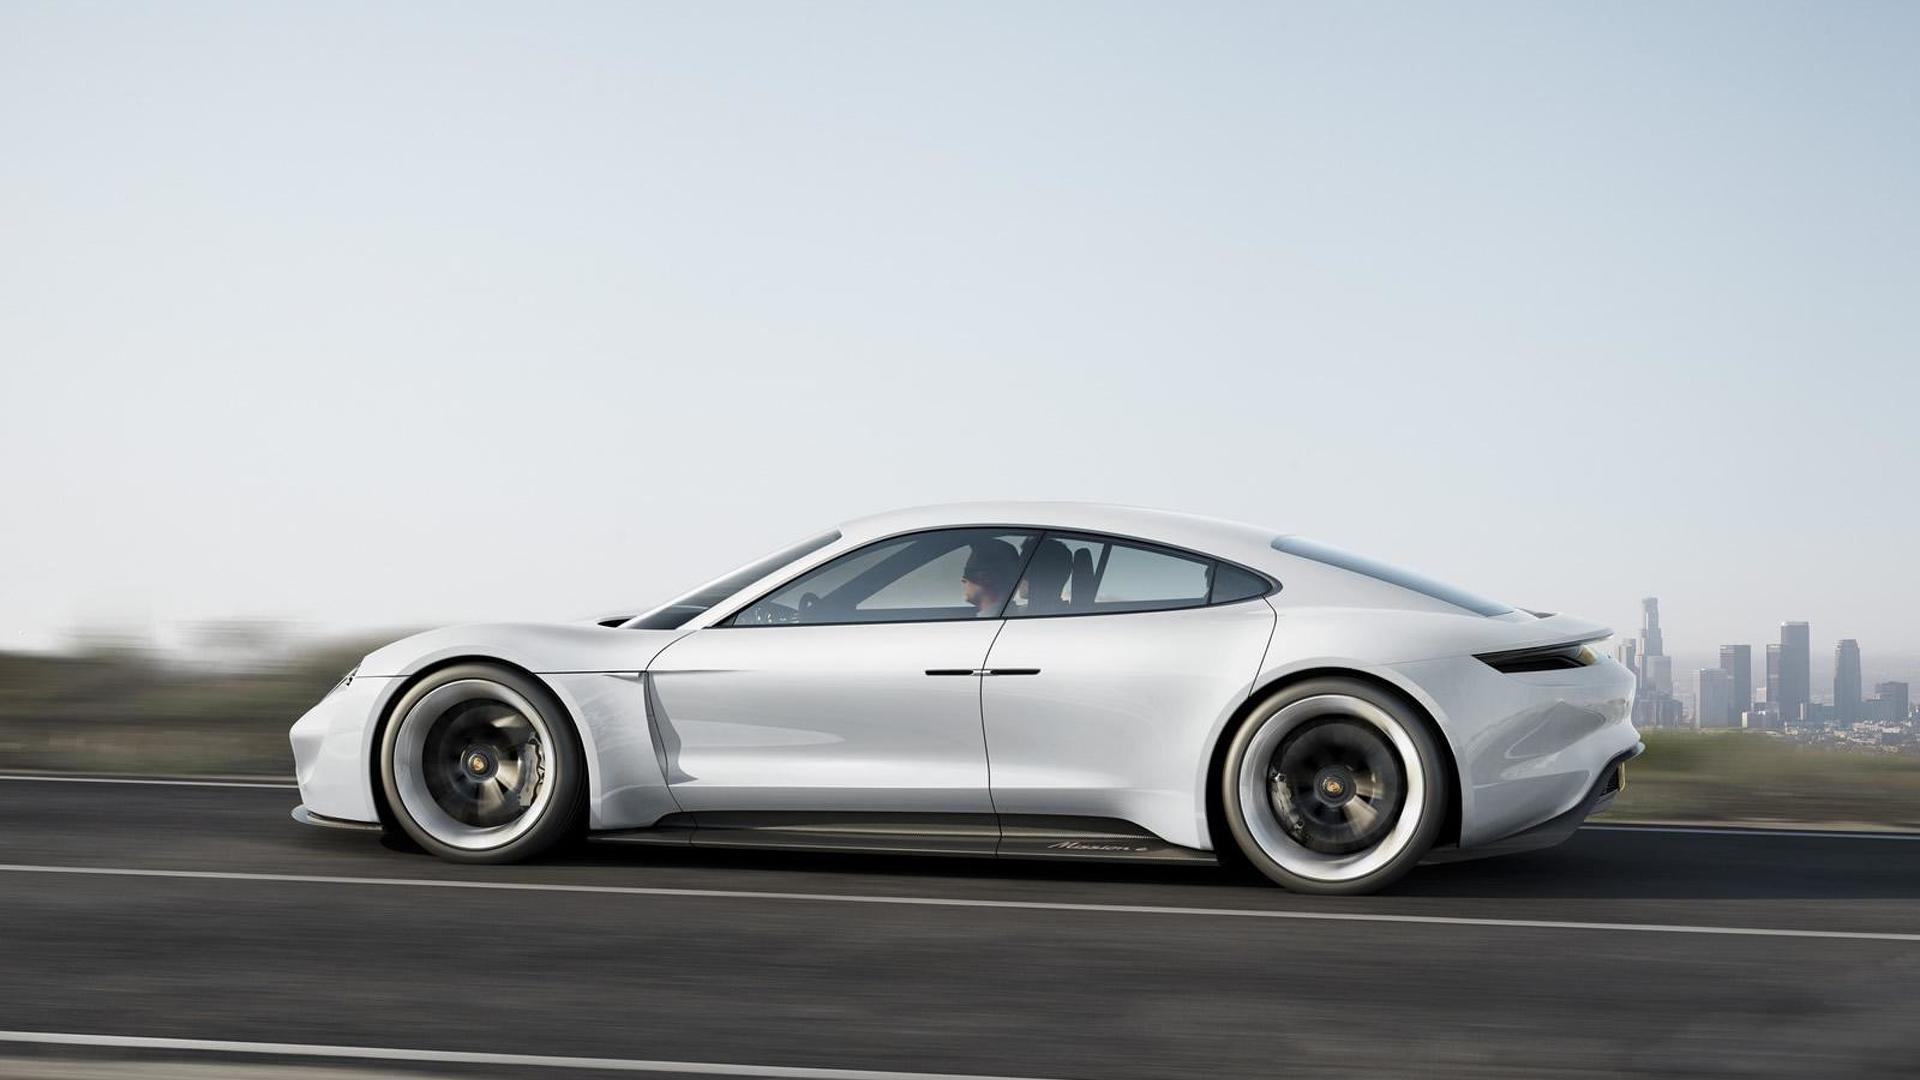 Porsche throws shade at Tesla, calls Ludicrous Mode a 'facade'